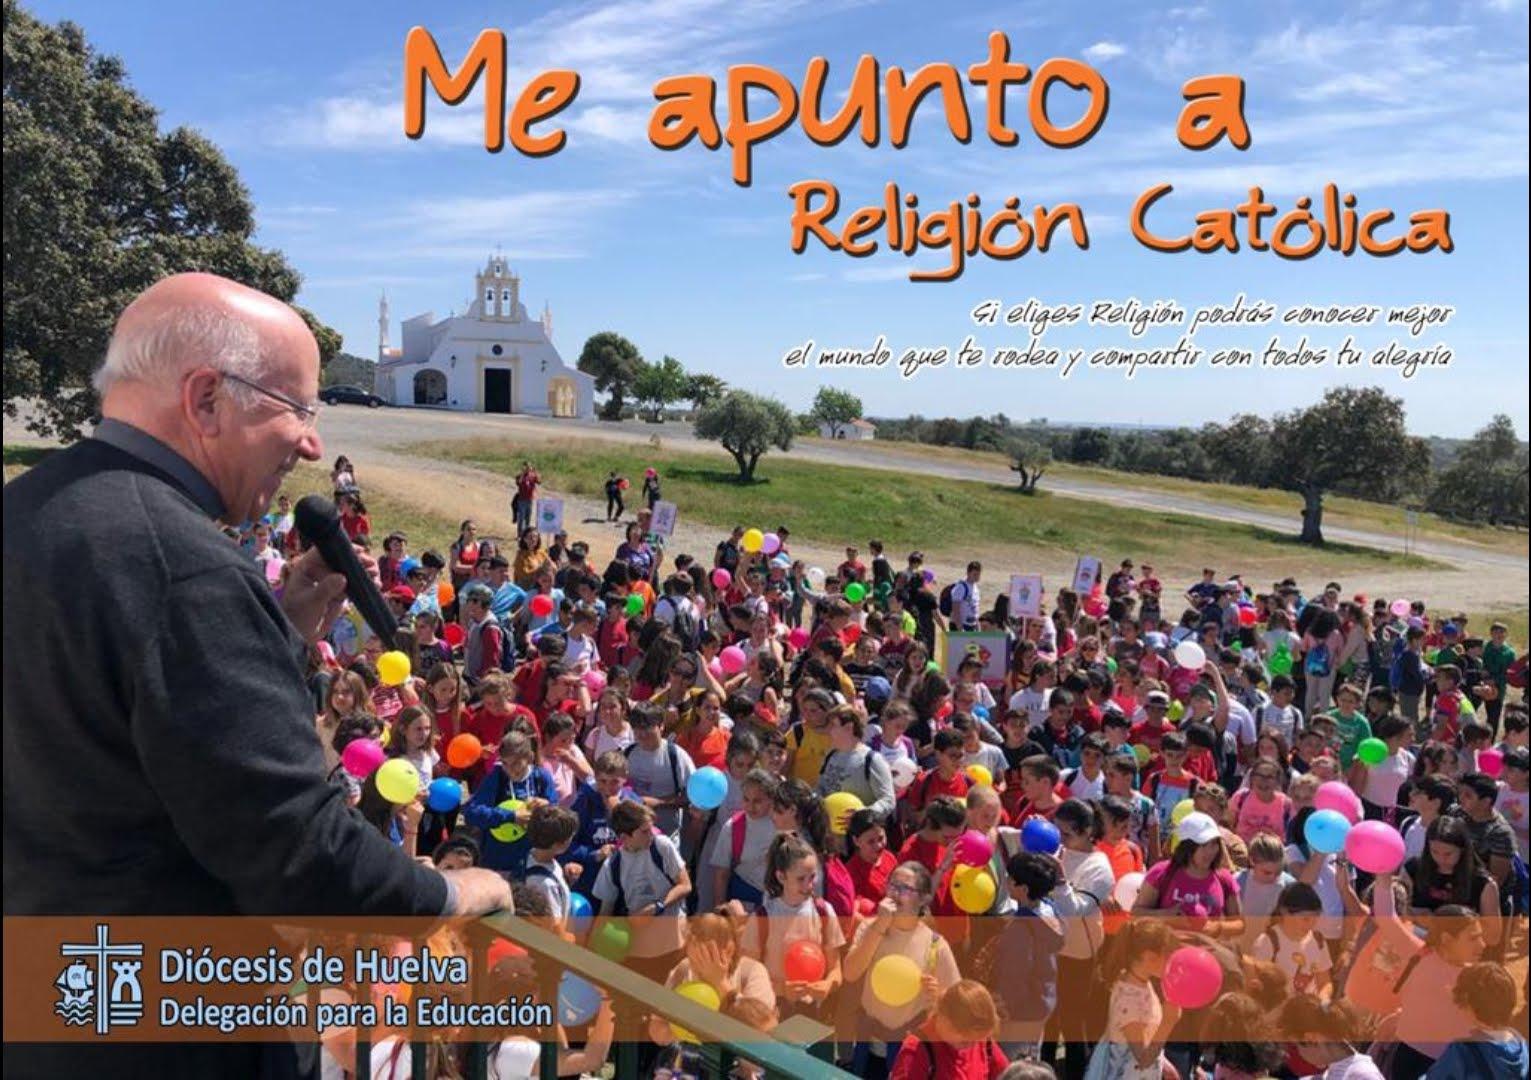 Me apunto a Religión Católica